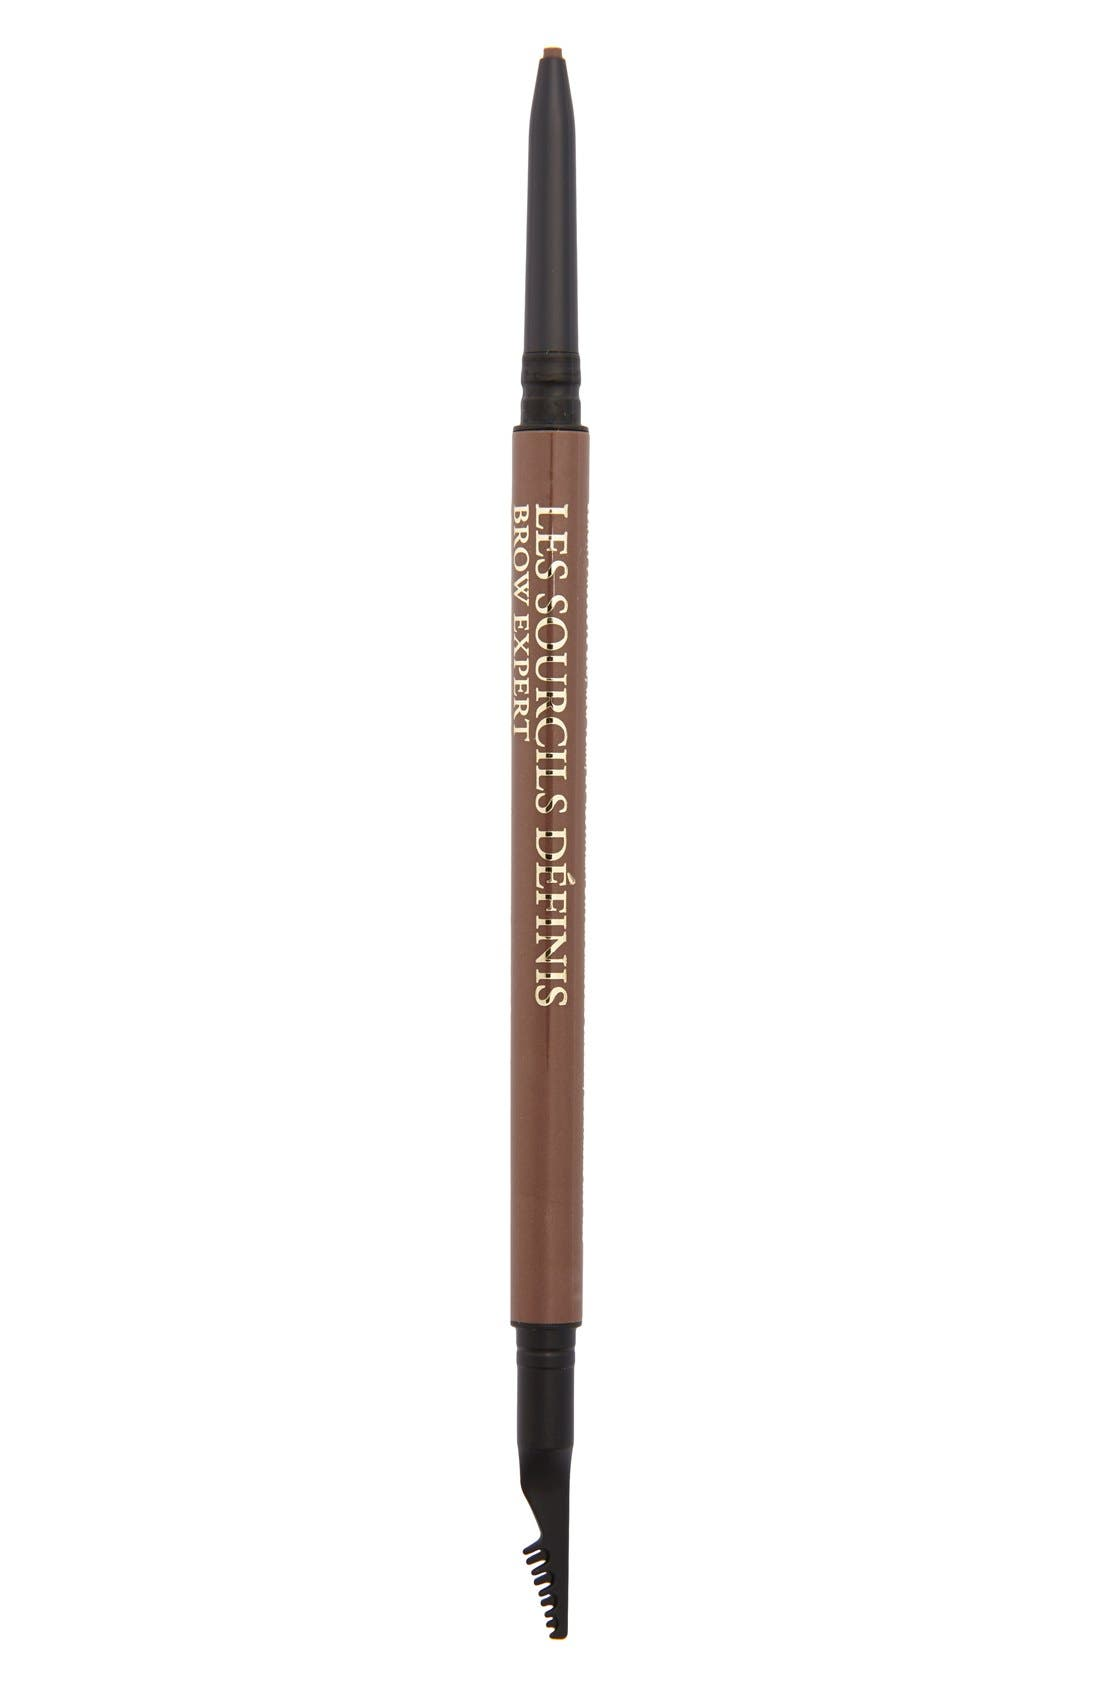 Lancôme Les Sourcils Definis Eyebrow Pencil